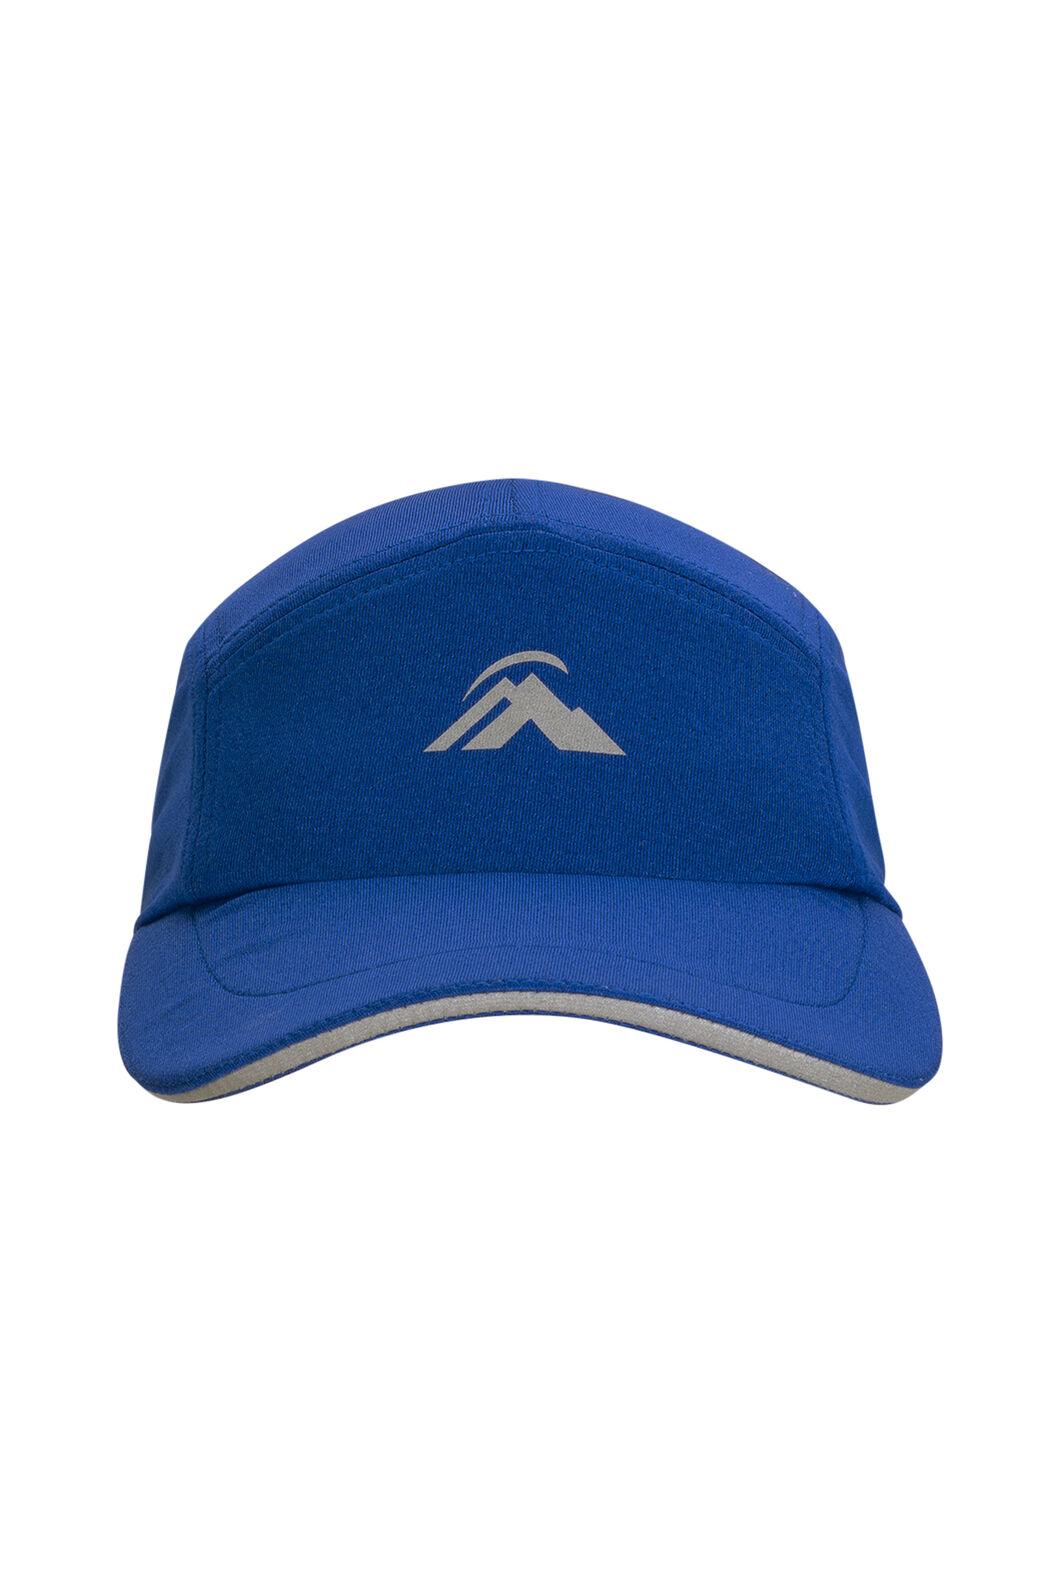 Macpac Eyre Active Cap, Surf The Web, hi-res